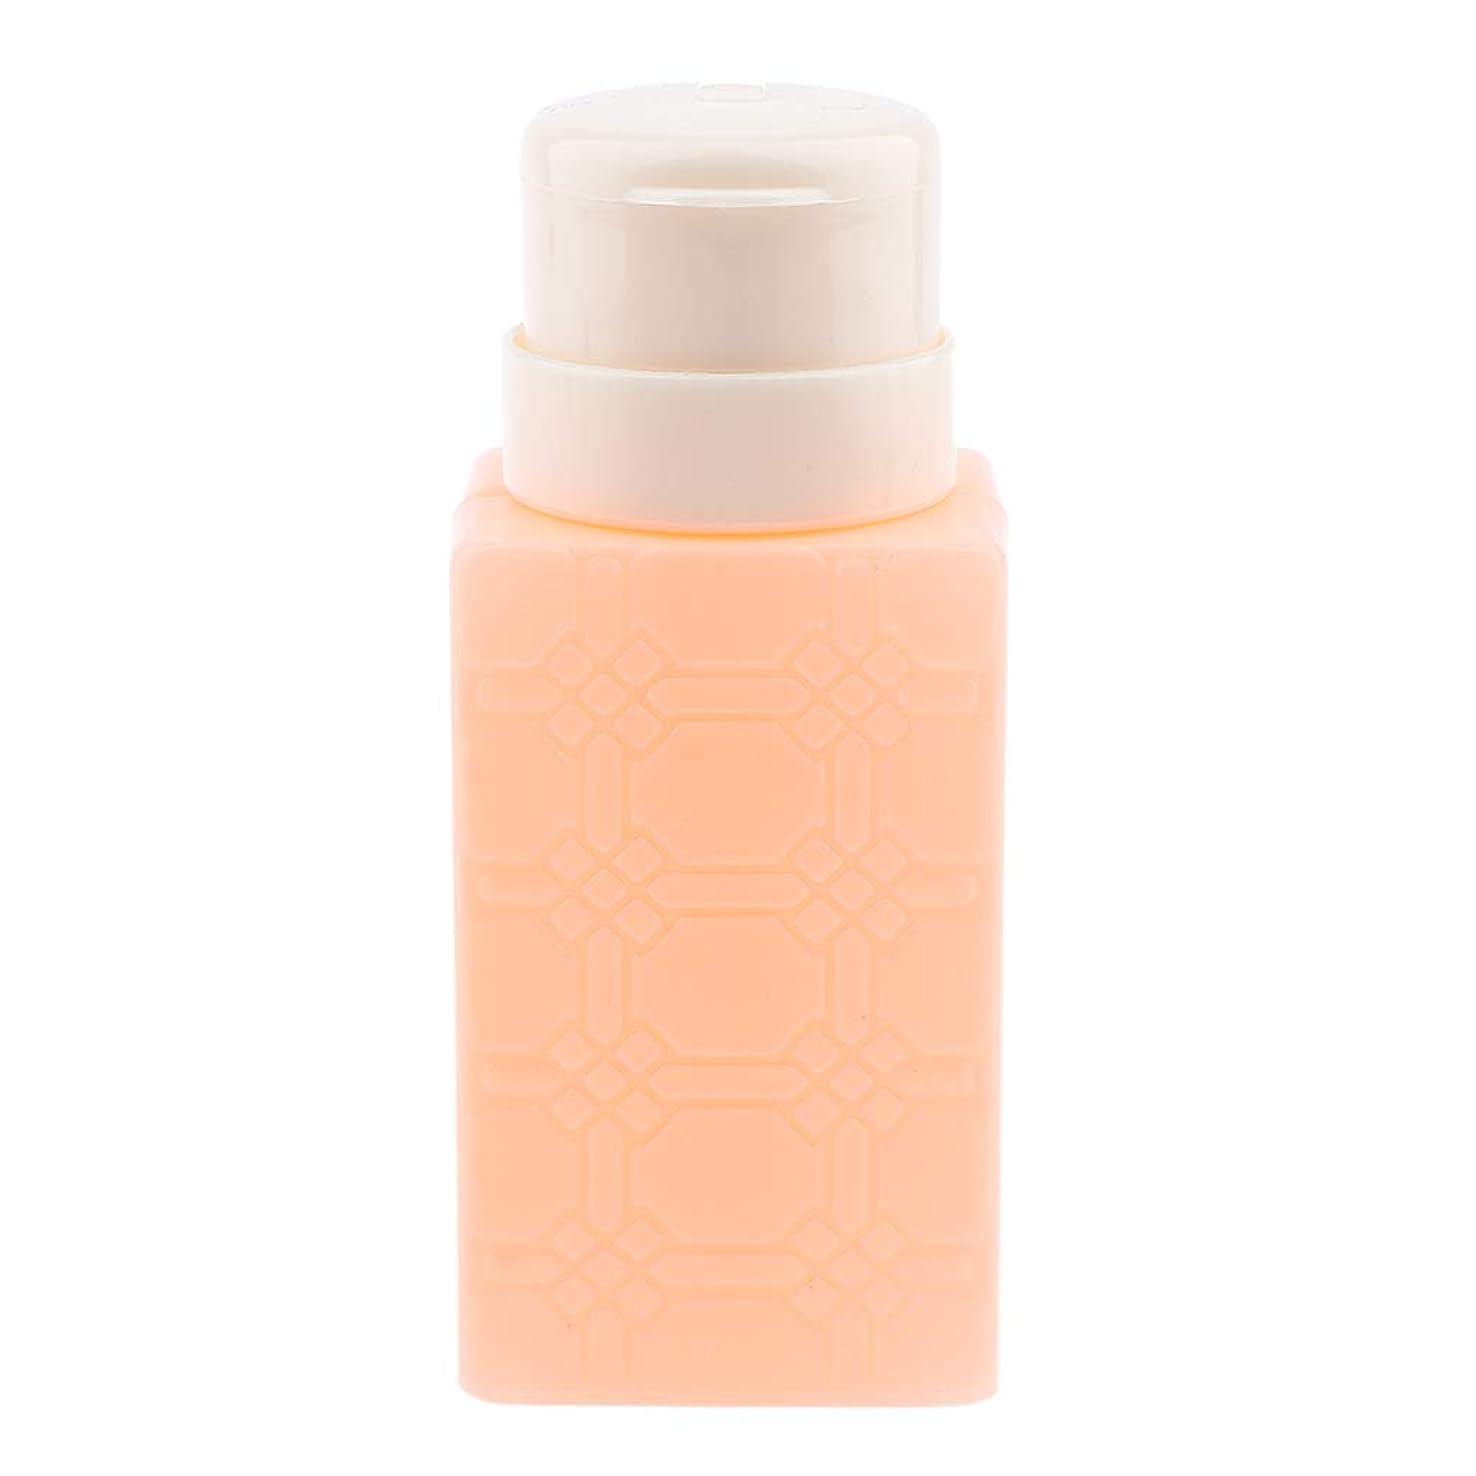 横に計算異邦人P Prettyia 200ml ネイルアート ディスペンサーポンプボトル ネイルサロン 4色選べ - オレンジ